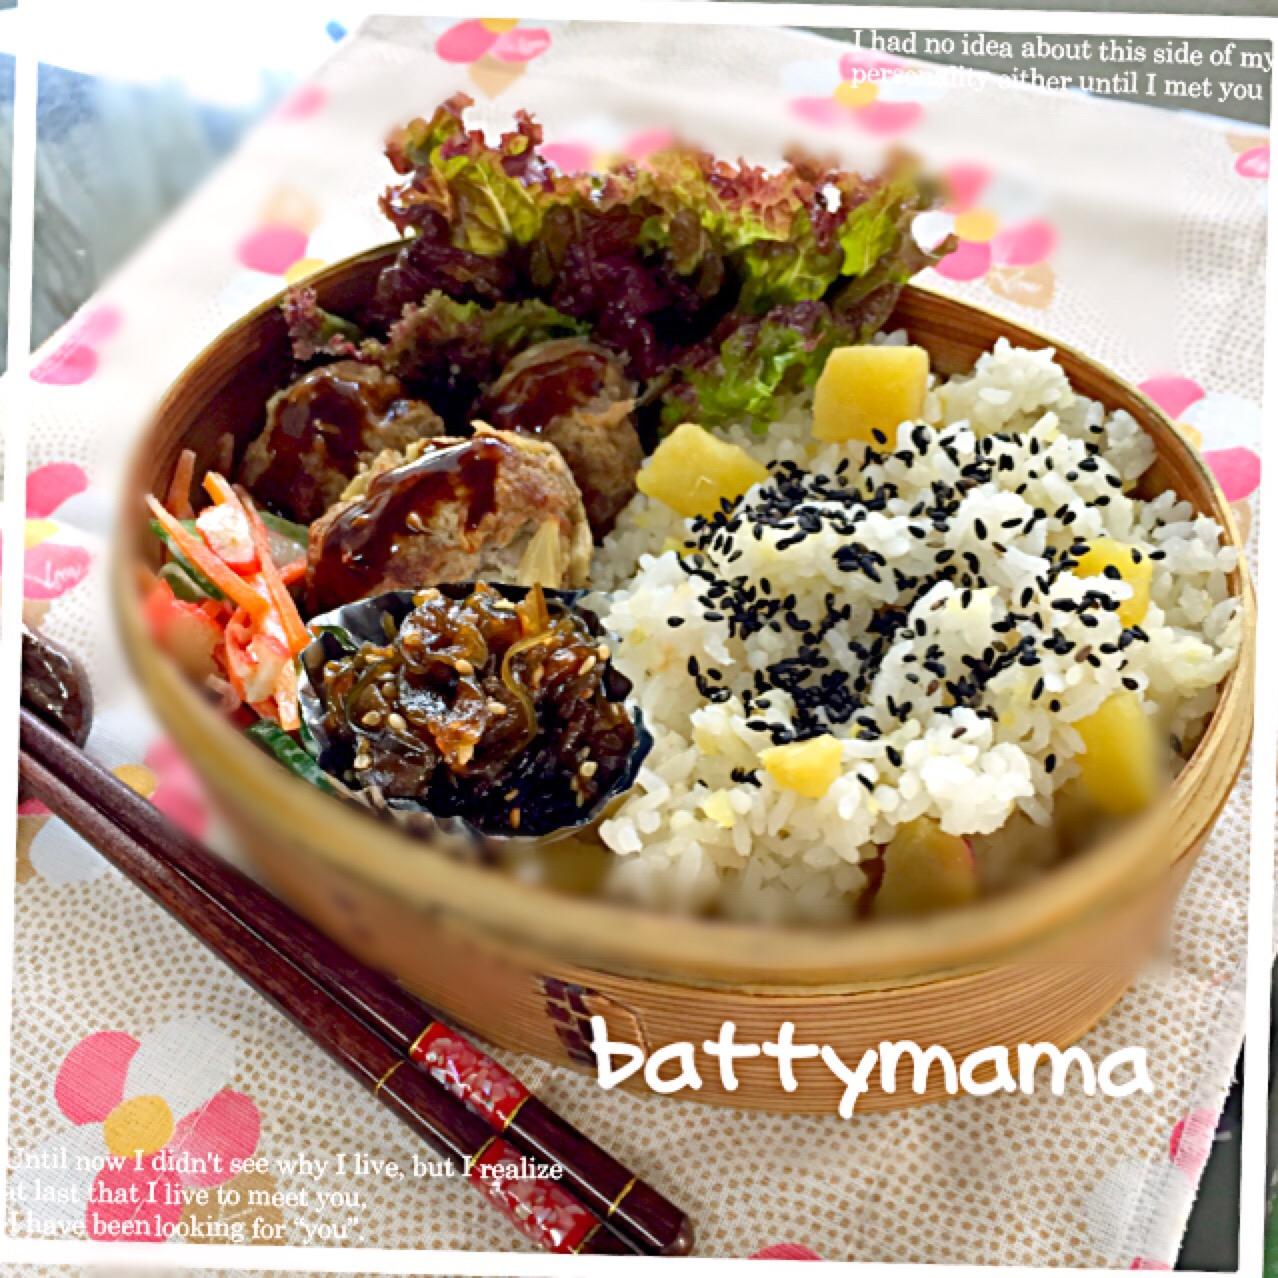 さつまいもご飯&玉ねぎゴロゴロハンバーグ弁当~♡battymamaの節約しても美味しいお弁当♡